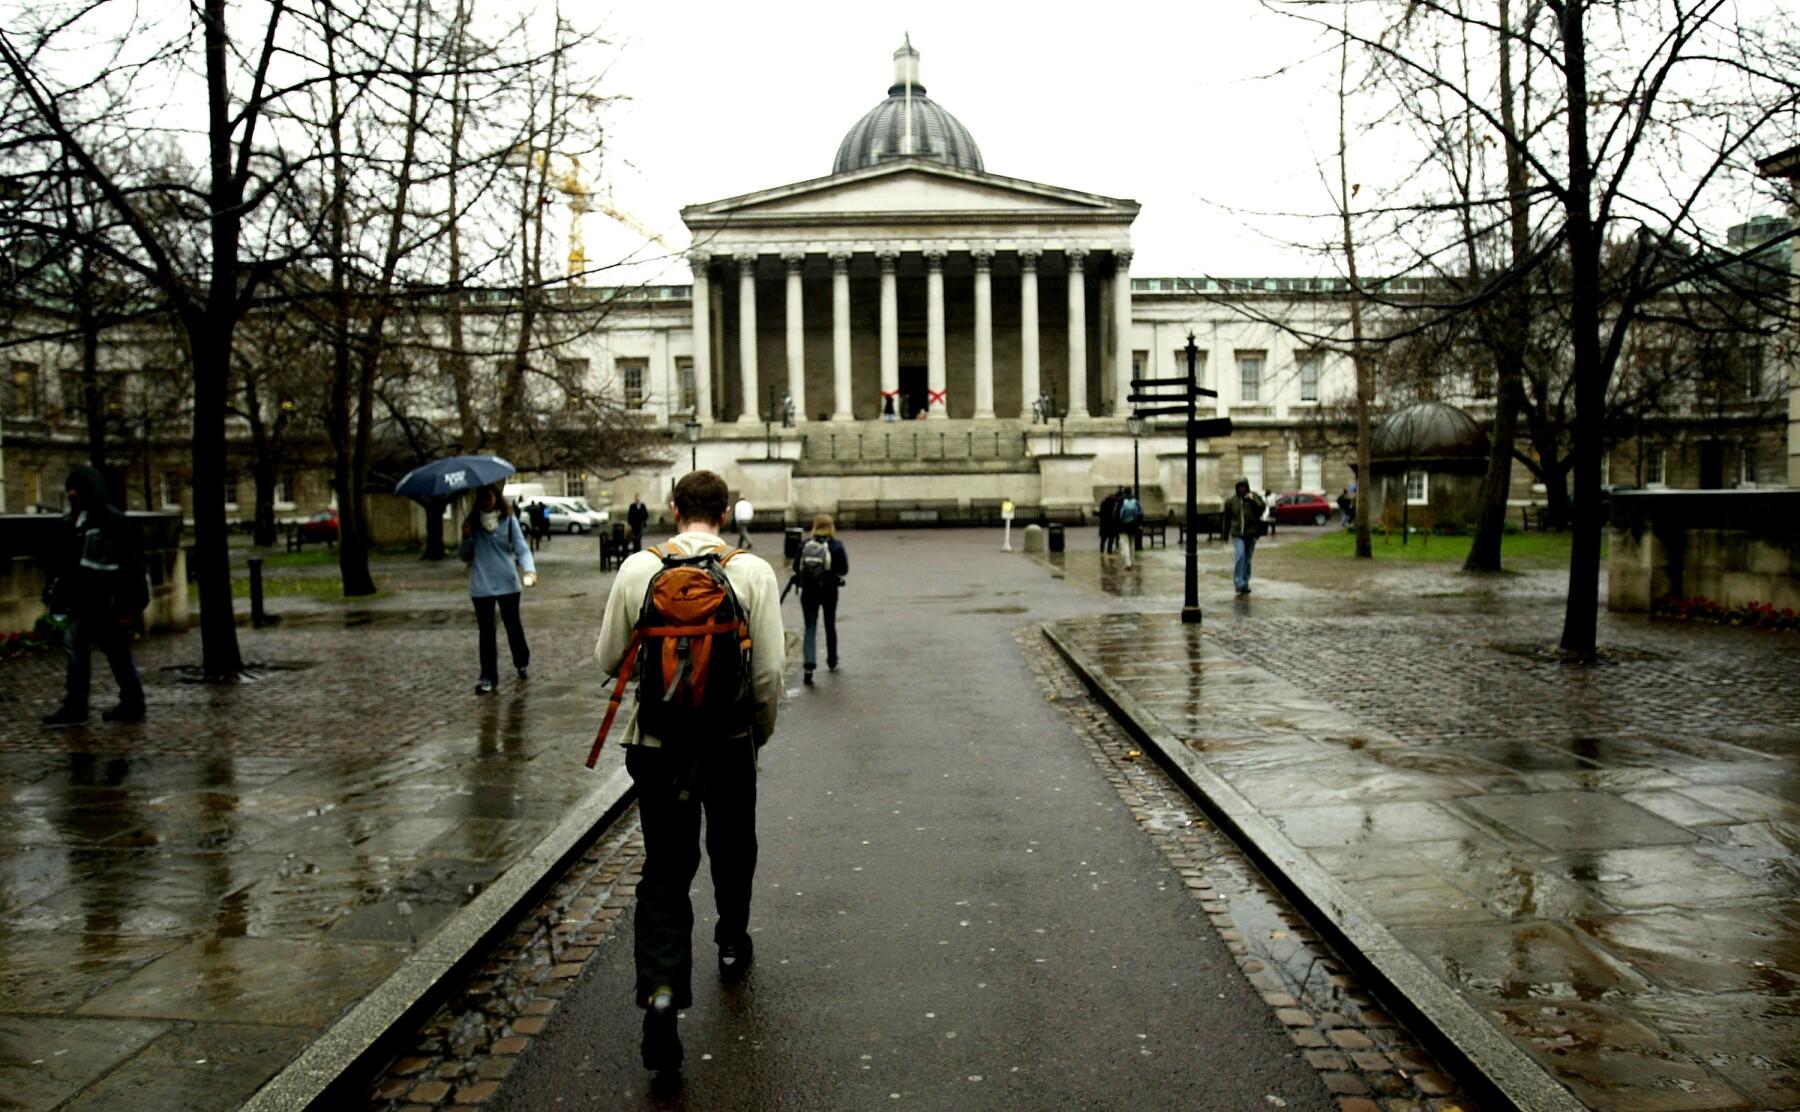 La separación podría servir para que el gobierno británico ahorre al no tener que dar asistencia a estudiantes de la UE.